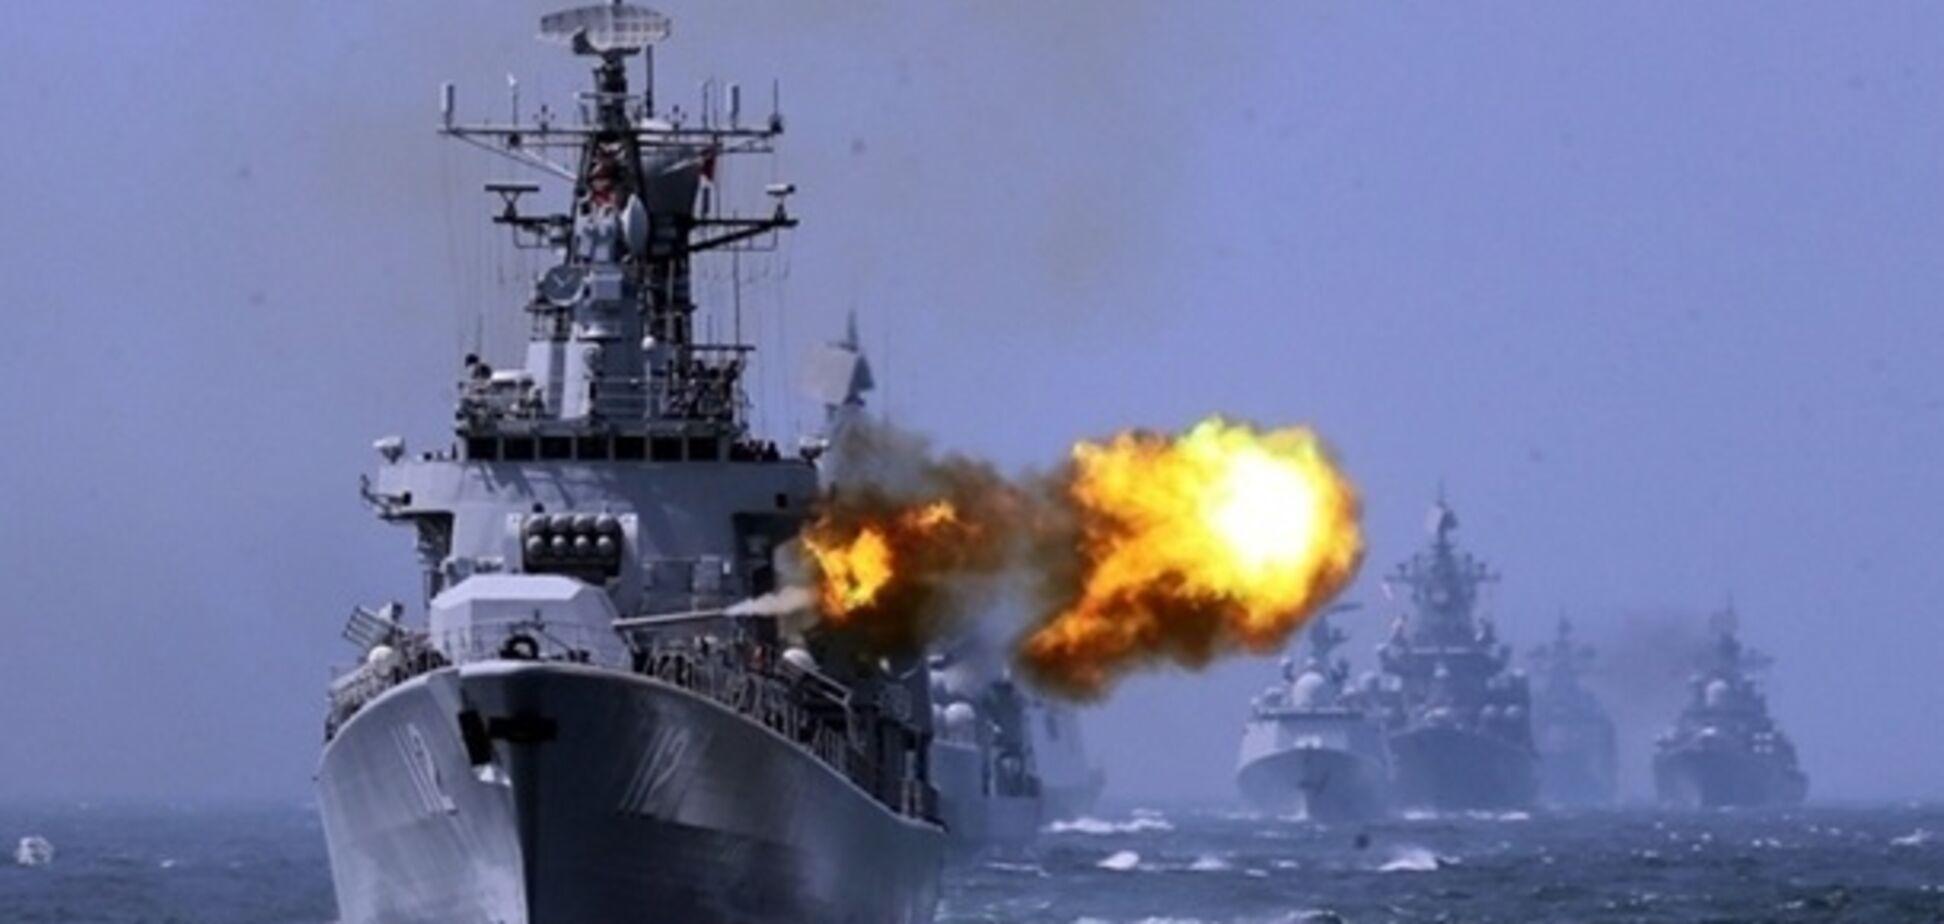 Вернуть Украине Азовское море: озвучены четыре простых шага